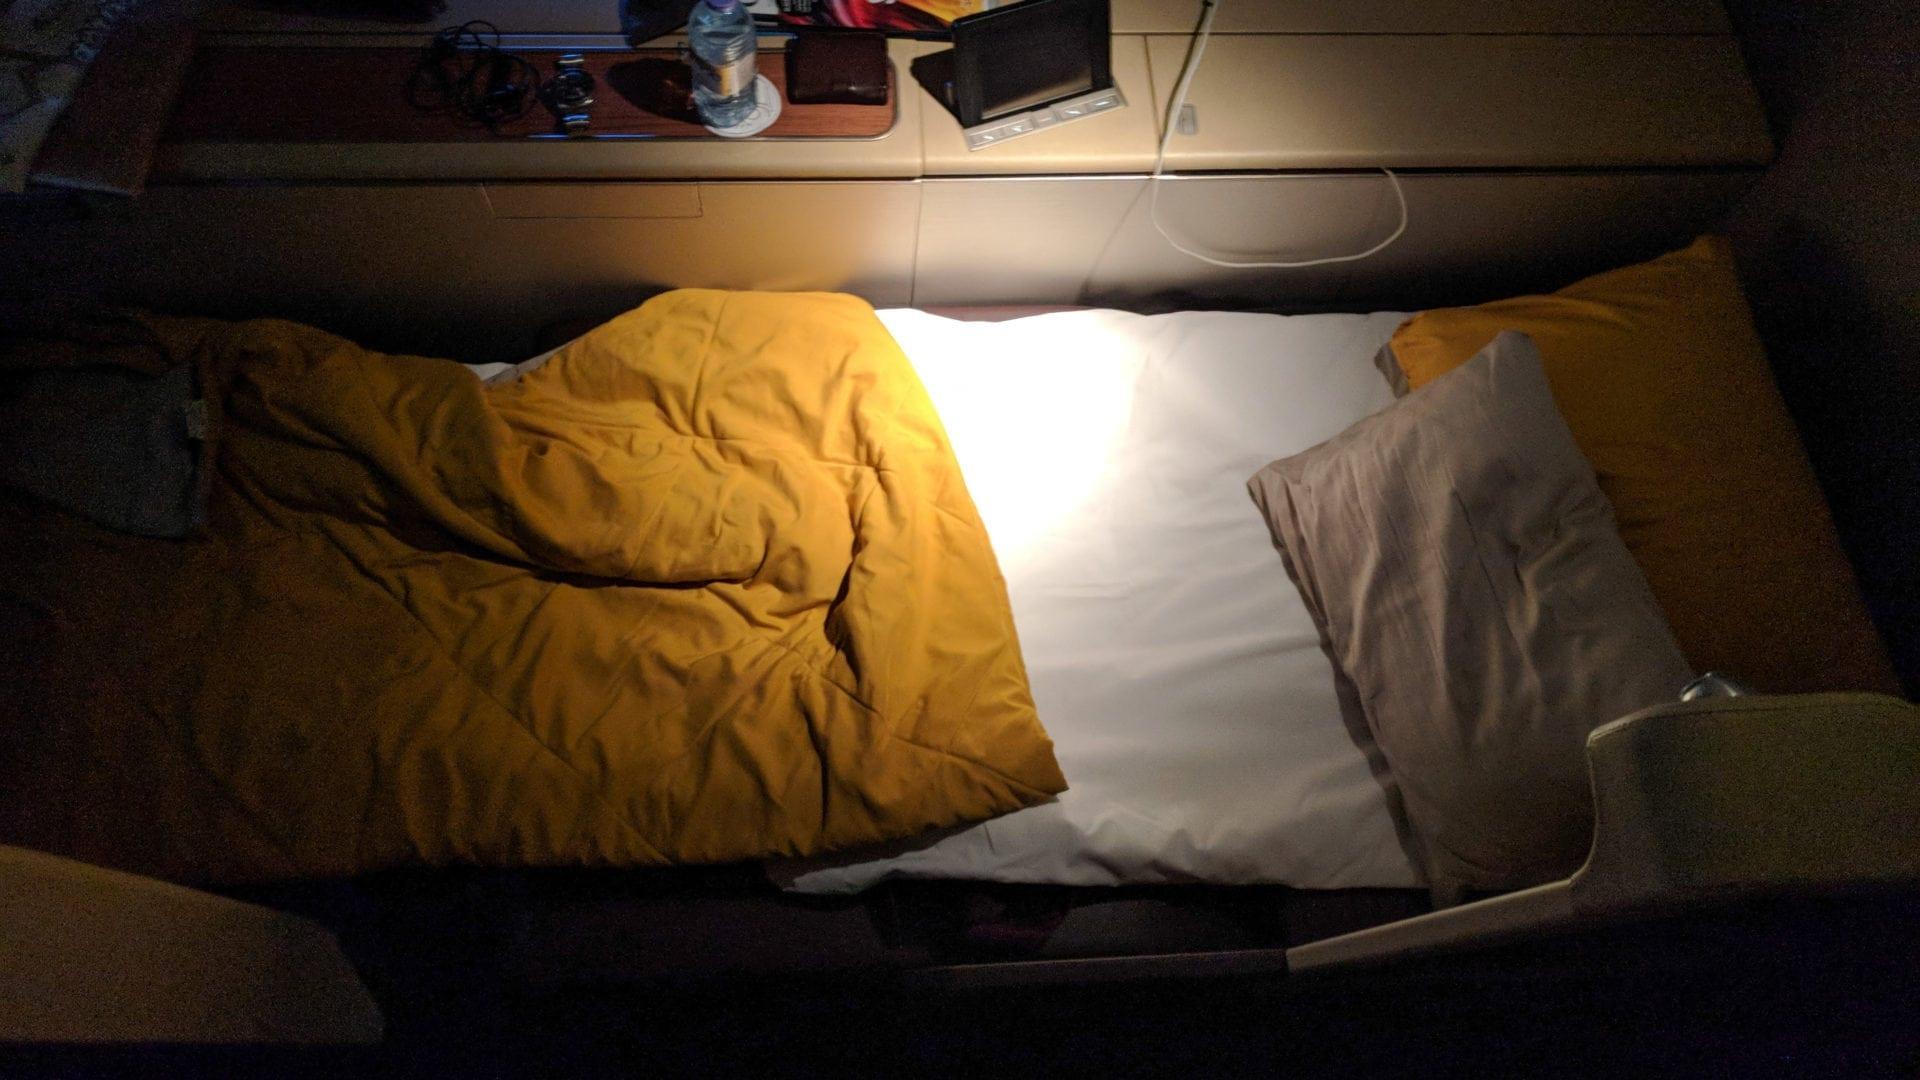 Thai First Class Boeing 747 Schlaf Bett